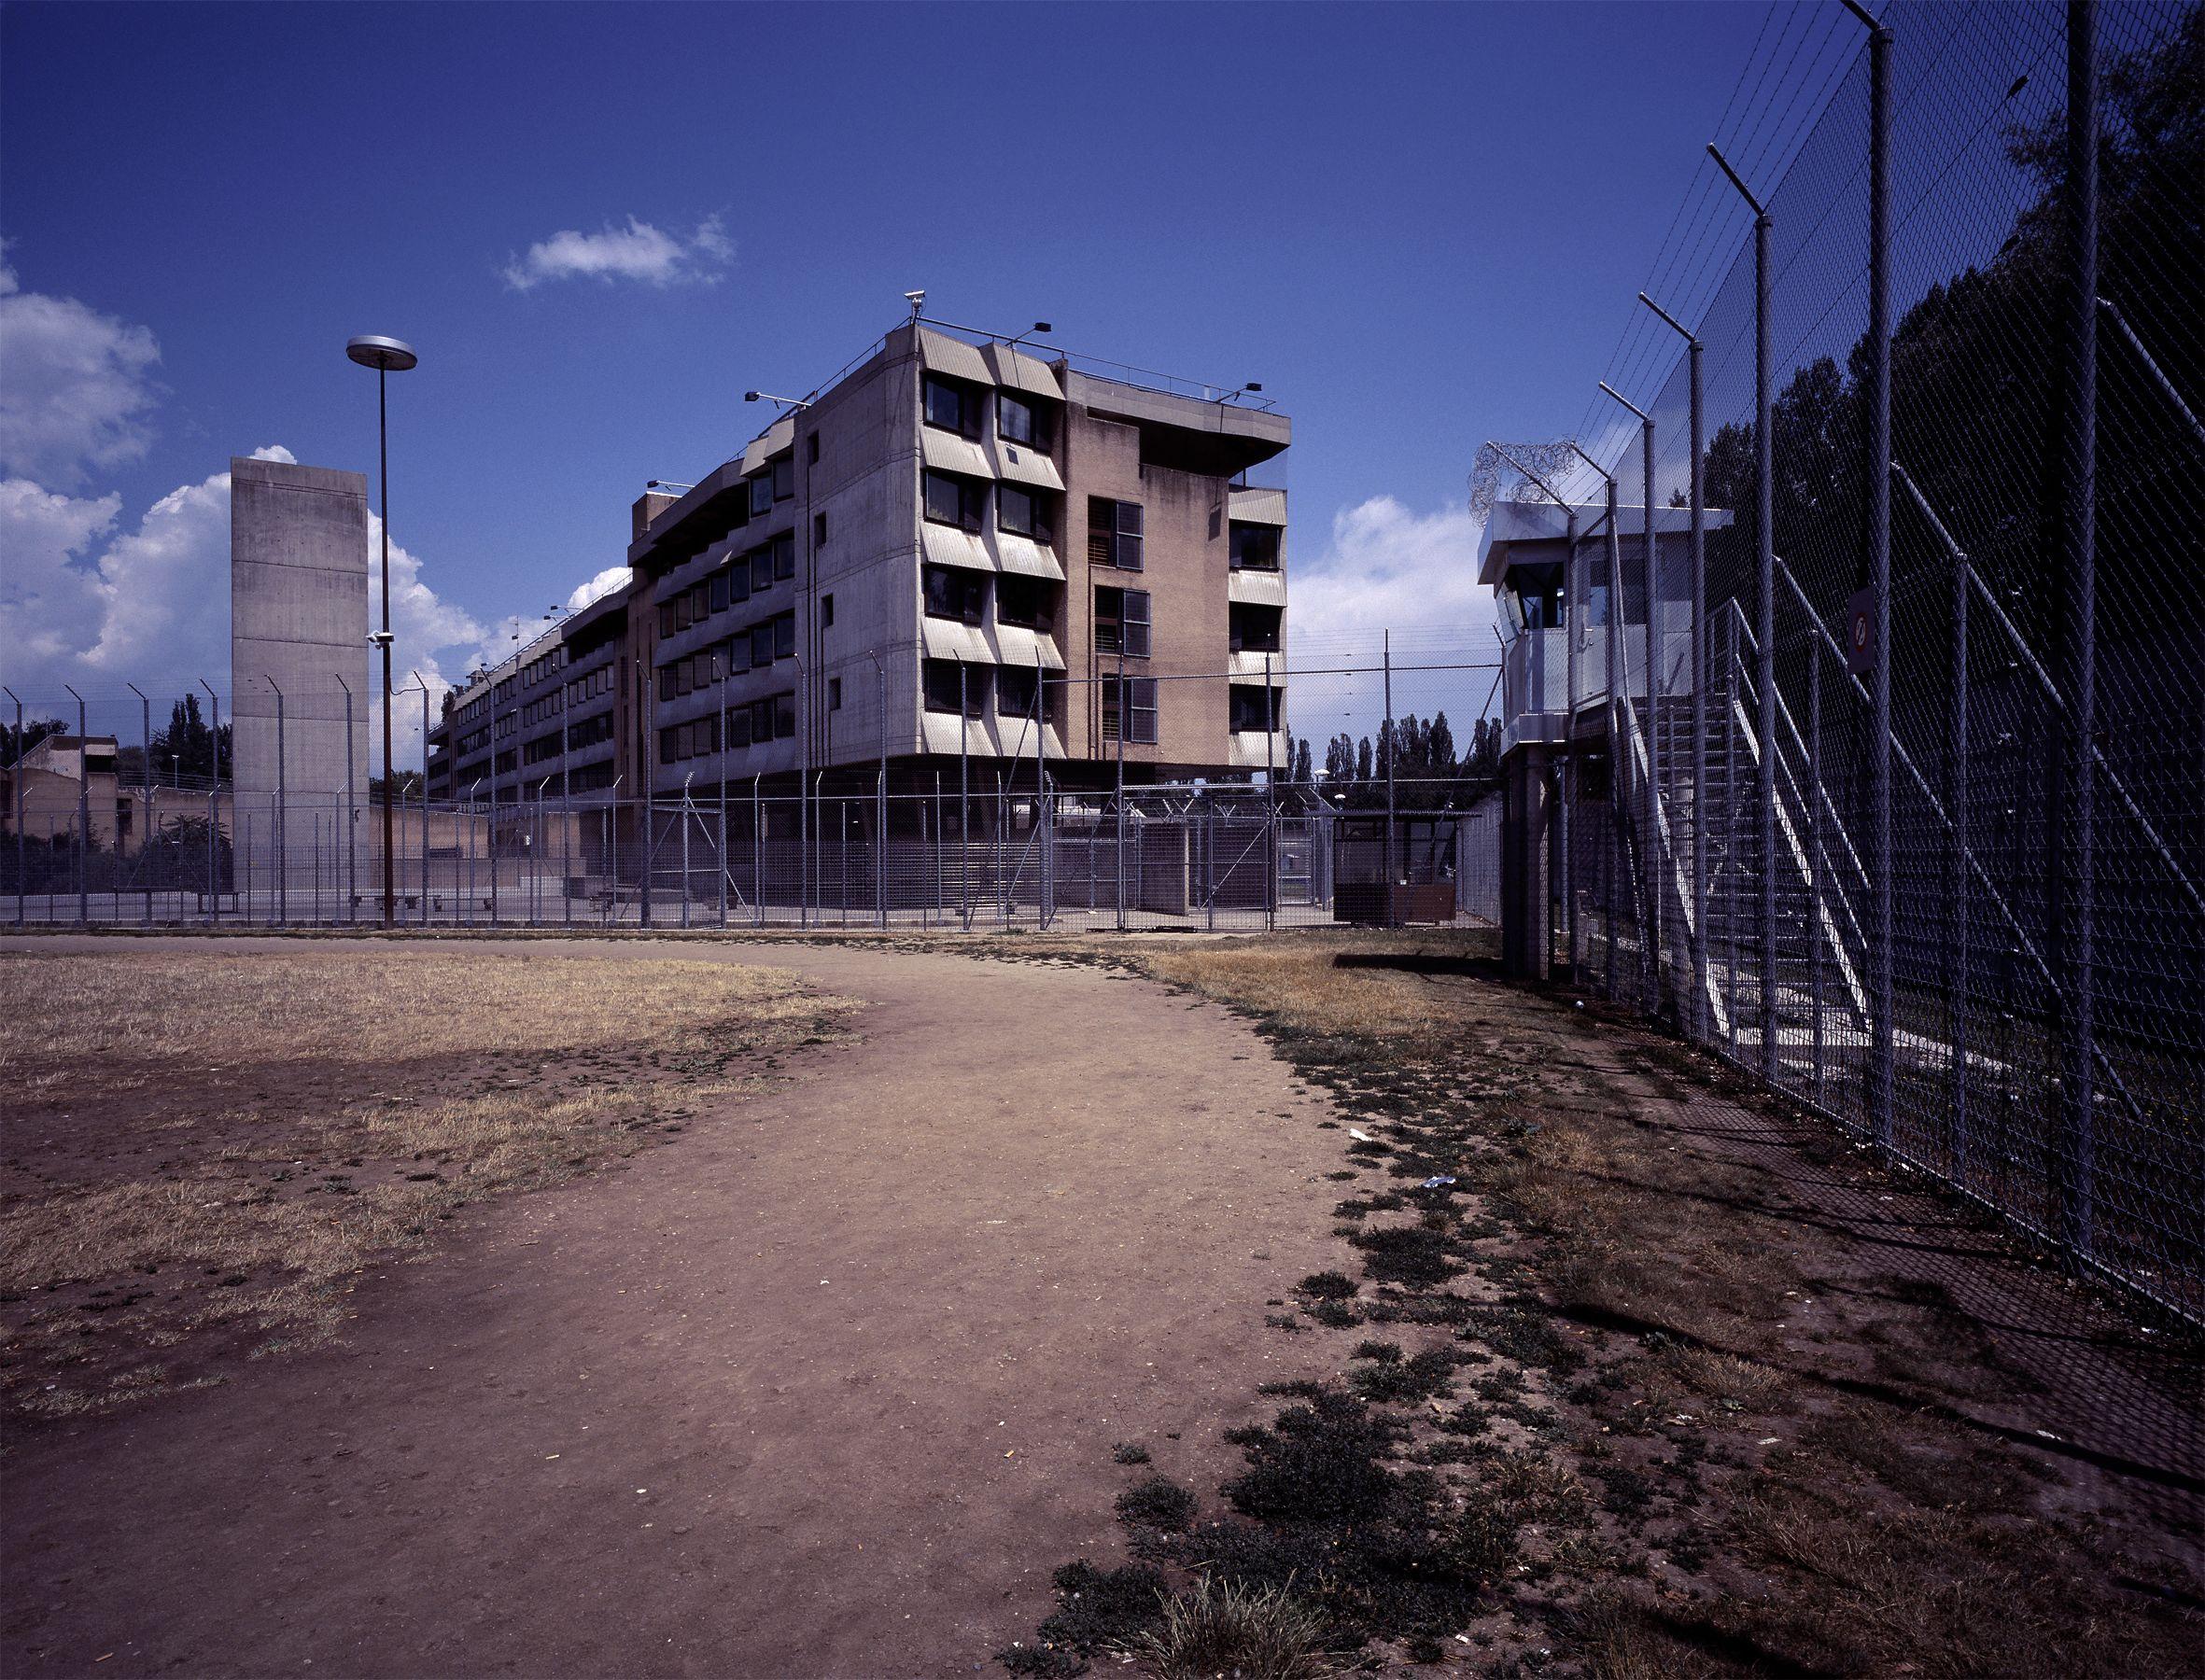 De la dignité des prisonniers: un plaidoyer anti-humaniste